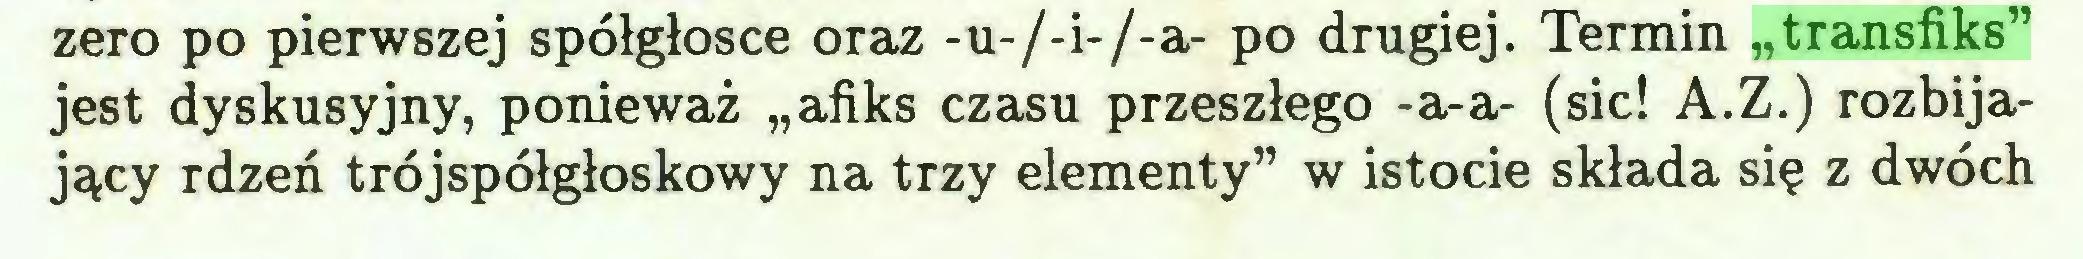 """(...) zero po pierwszej spółgłosce oraz -u-/-i-/-a- po drugiej. Termin """"transfiks"""" jest dyskusyjny, ponieważ """"afiks czasu przeszłego -a-a- (sic! A.Z.) rozbijający rdzeń trójspółgłoskowy na trzy elementy"""" w istocie składa się z dwóch..."""